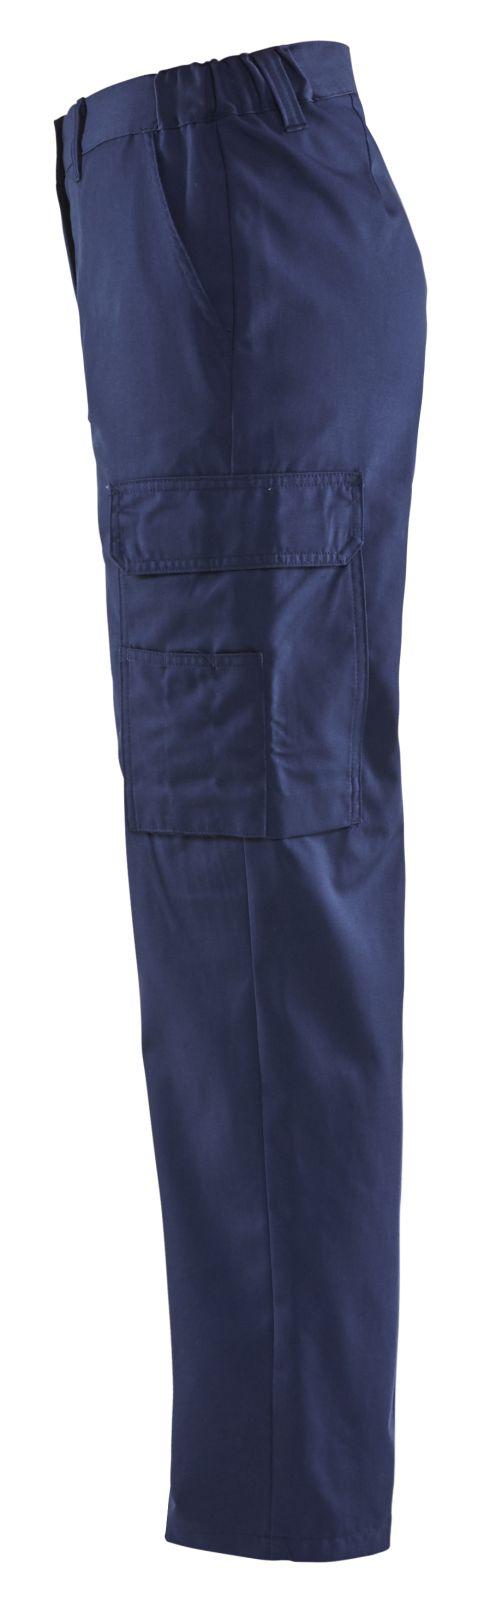 Blaklader Dames werkbroeken 71201800 marineblauw(8900)